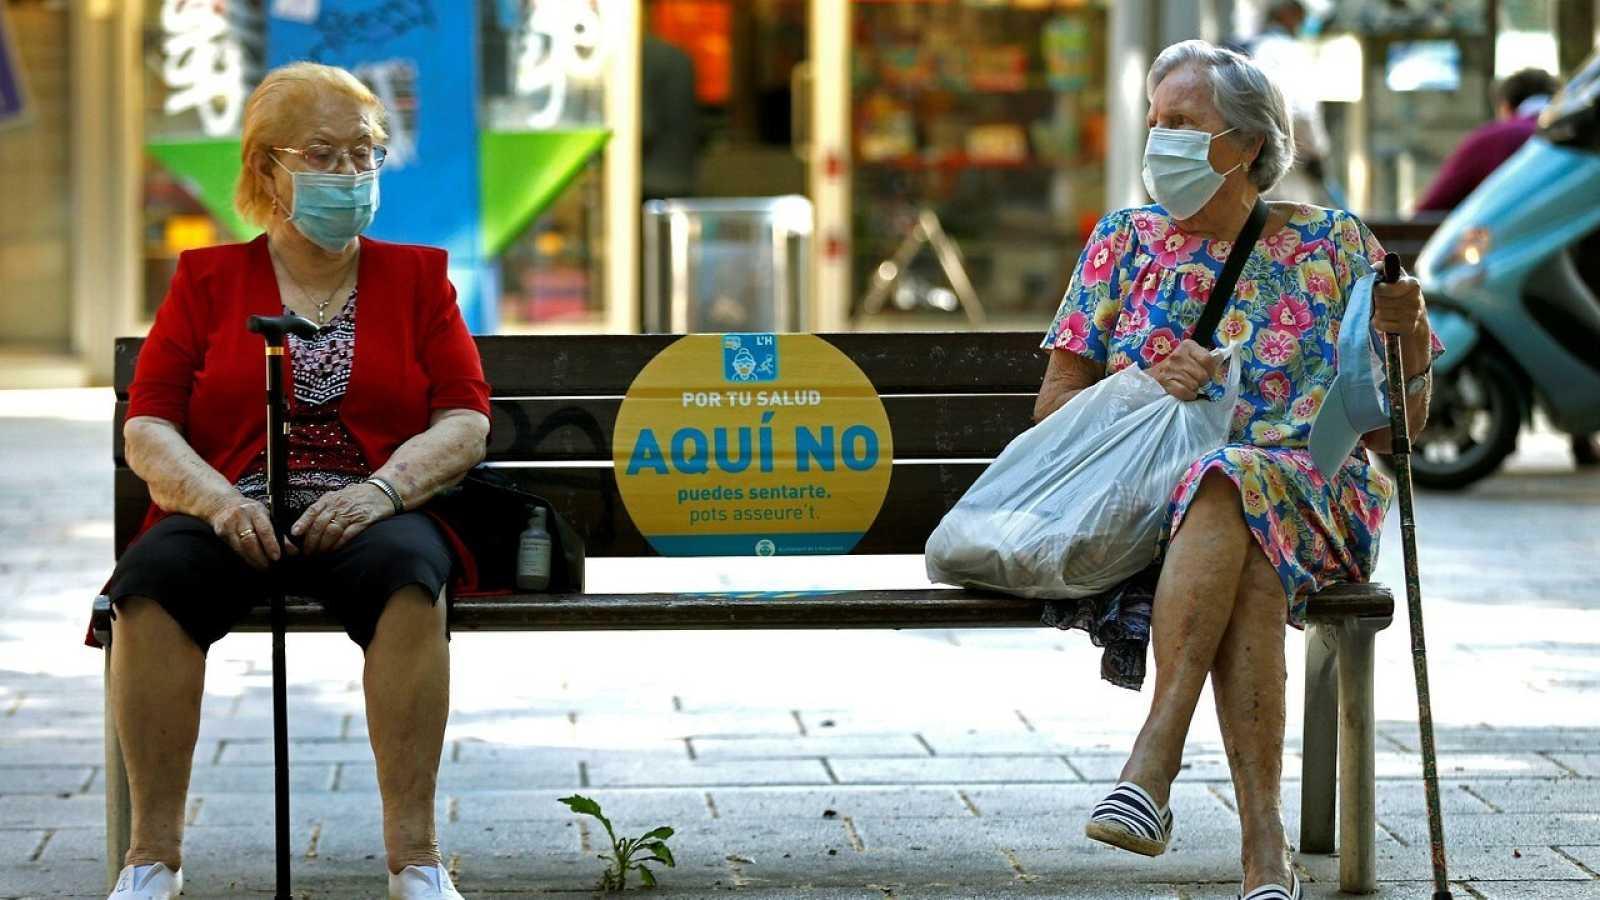 Dos mujeres conversan en un banco de L'Hospitalet (Barcelona) este jueves, cuando ha comenzado la obligatoriedad de llevar mascarilla en todos los espacios públicos. EFE/Toni Albir